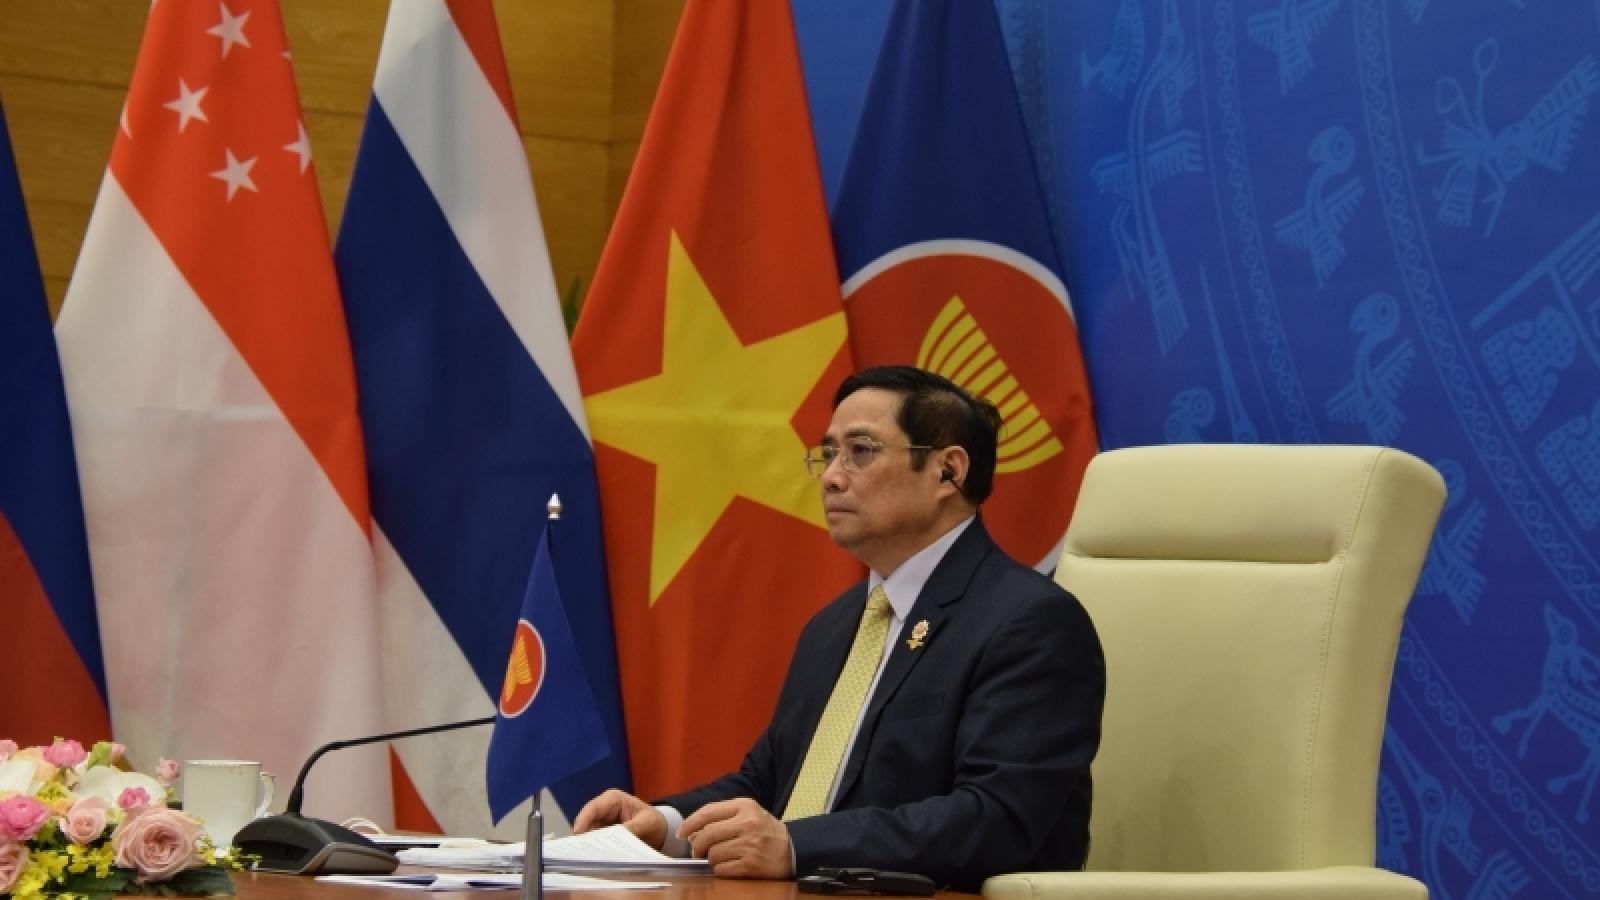 Thủ tướng dự Hội nghị cấp cao ASEAN - Trung Quốc lần thứ 24